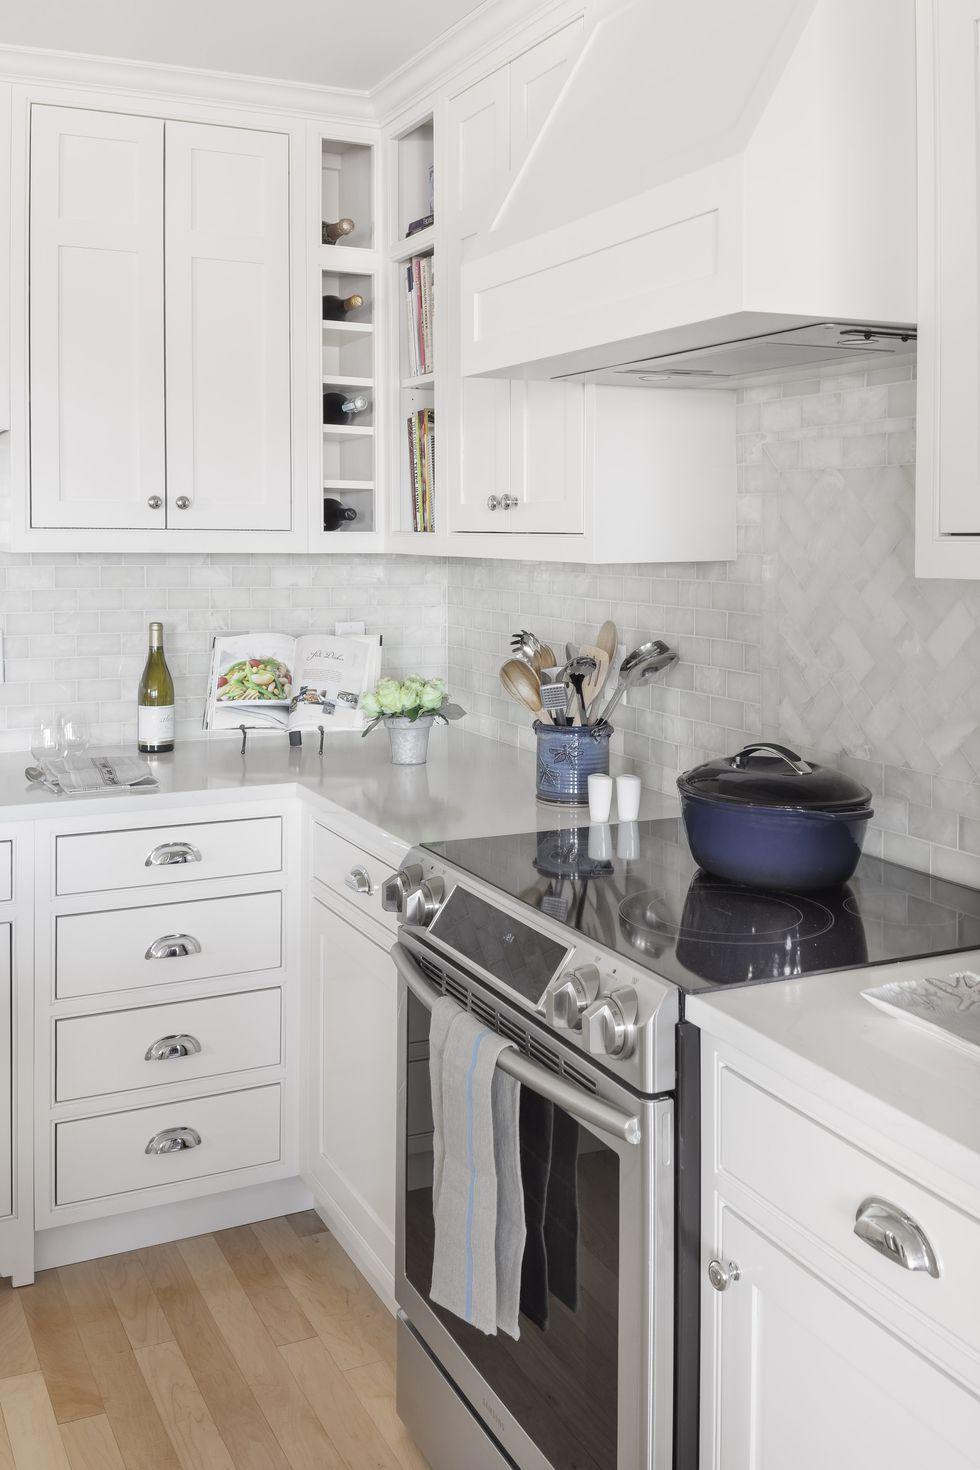 White kitchens white kitchens BIZKRLG